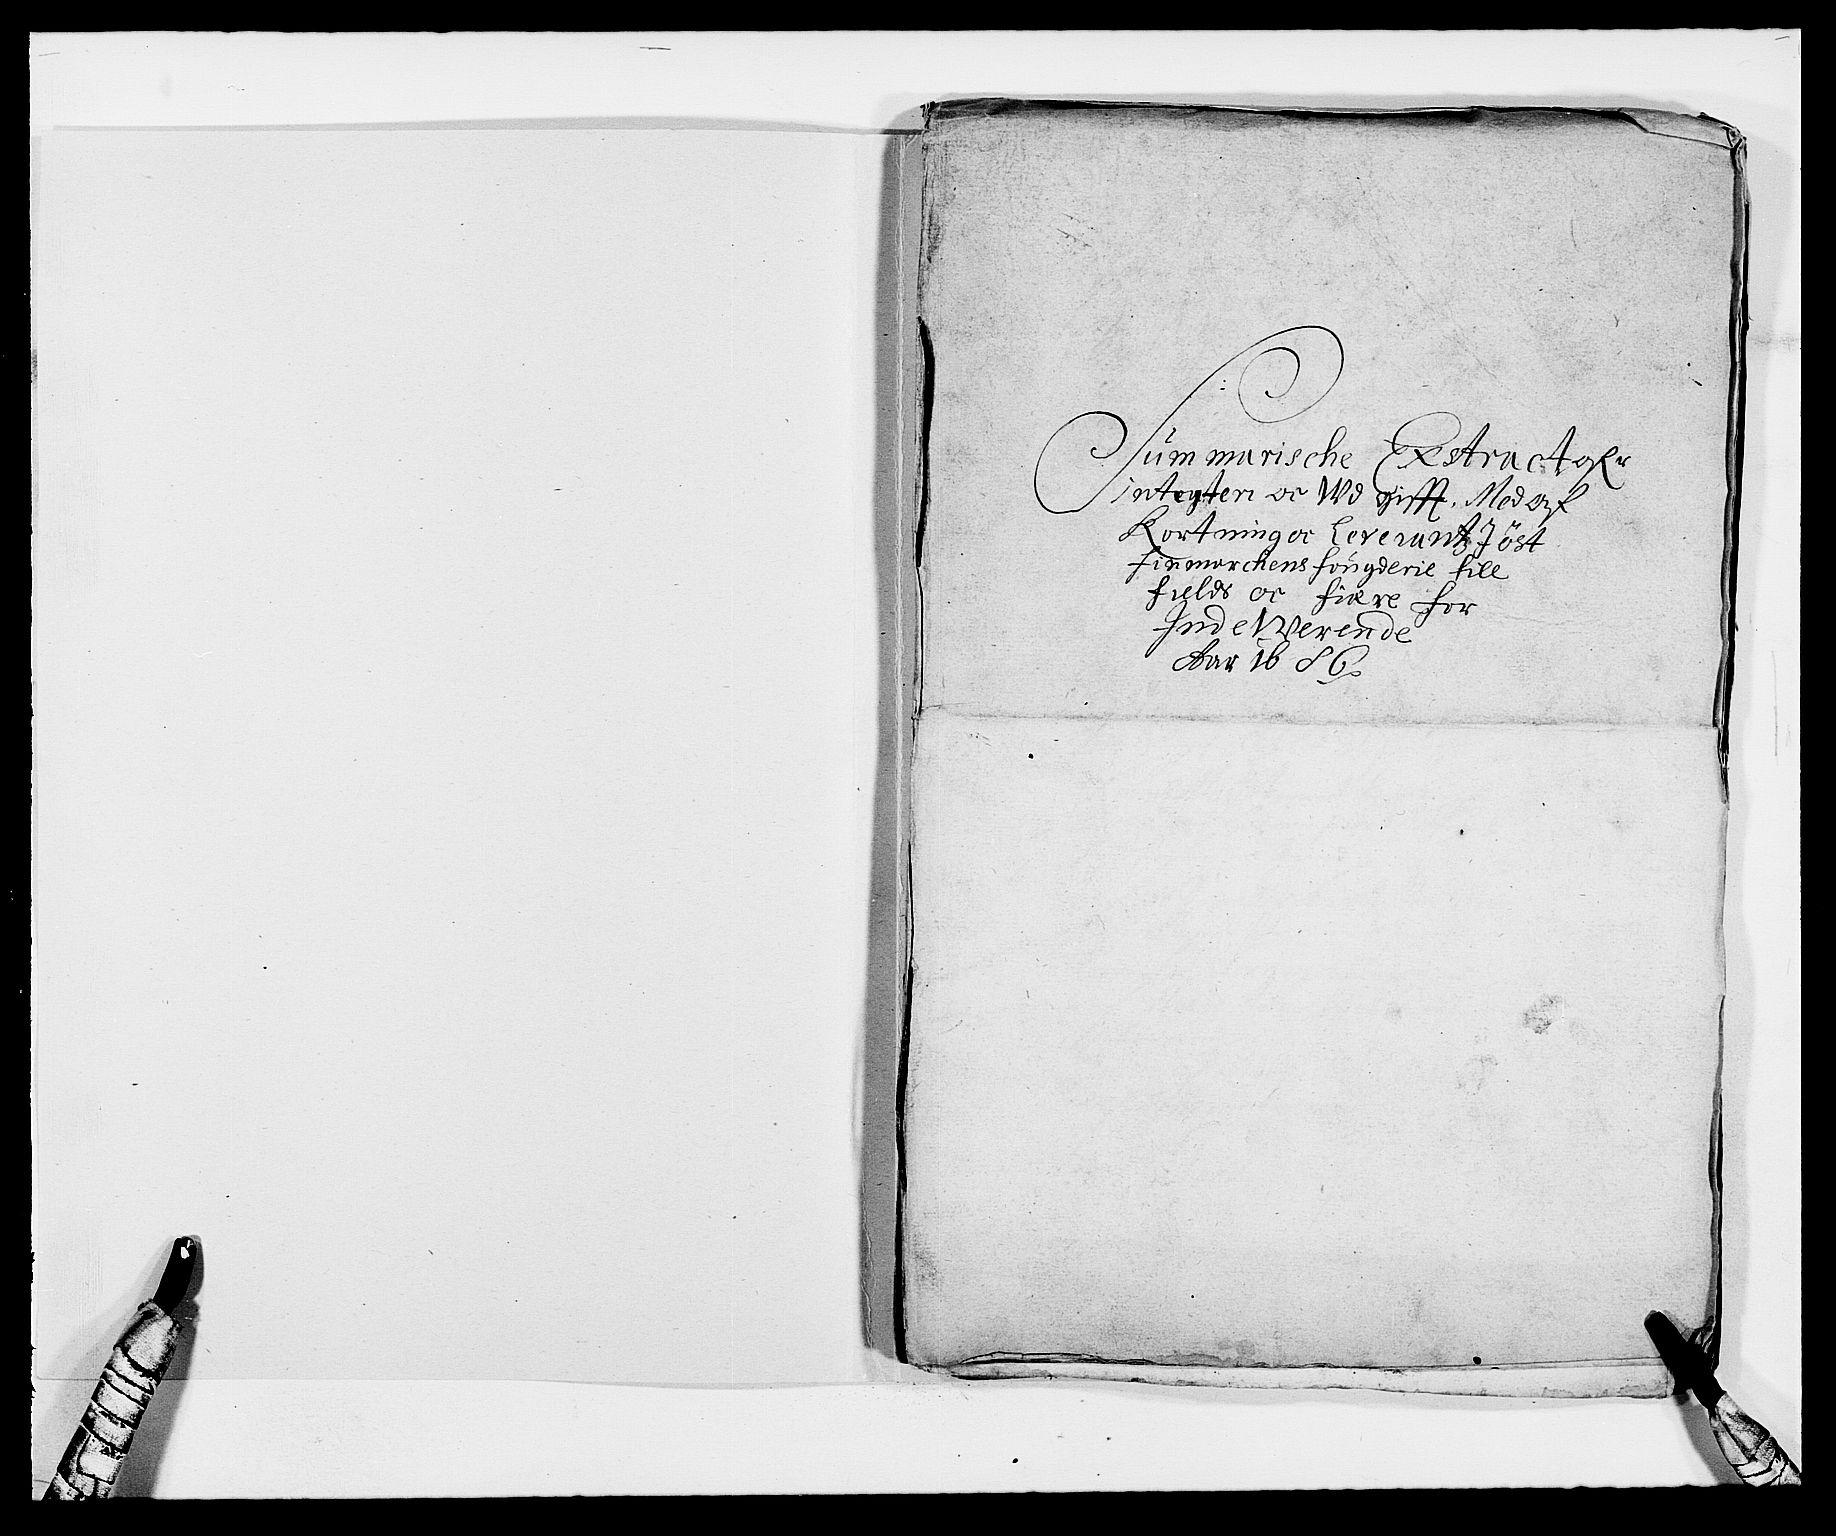 RA, Rentekammeret inntil 1814, Reviderte regnskaper, Fogderegnskap, R69/L4850: Fogderegnskap Finnmark/Vardøhus, 1680-1690, s. 27